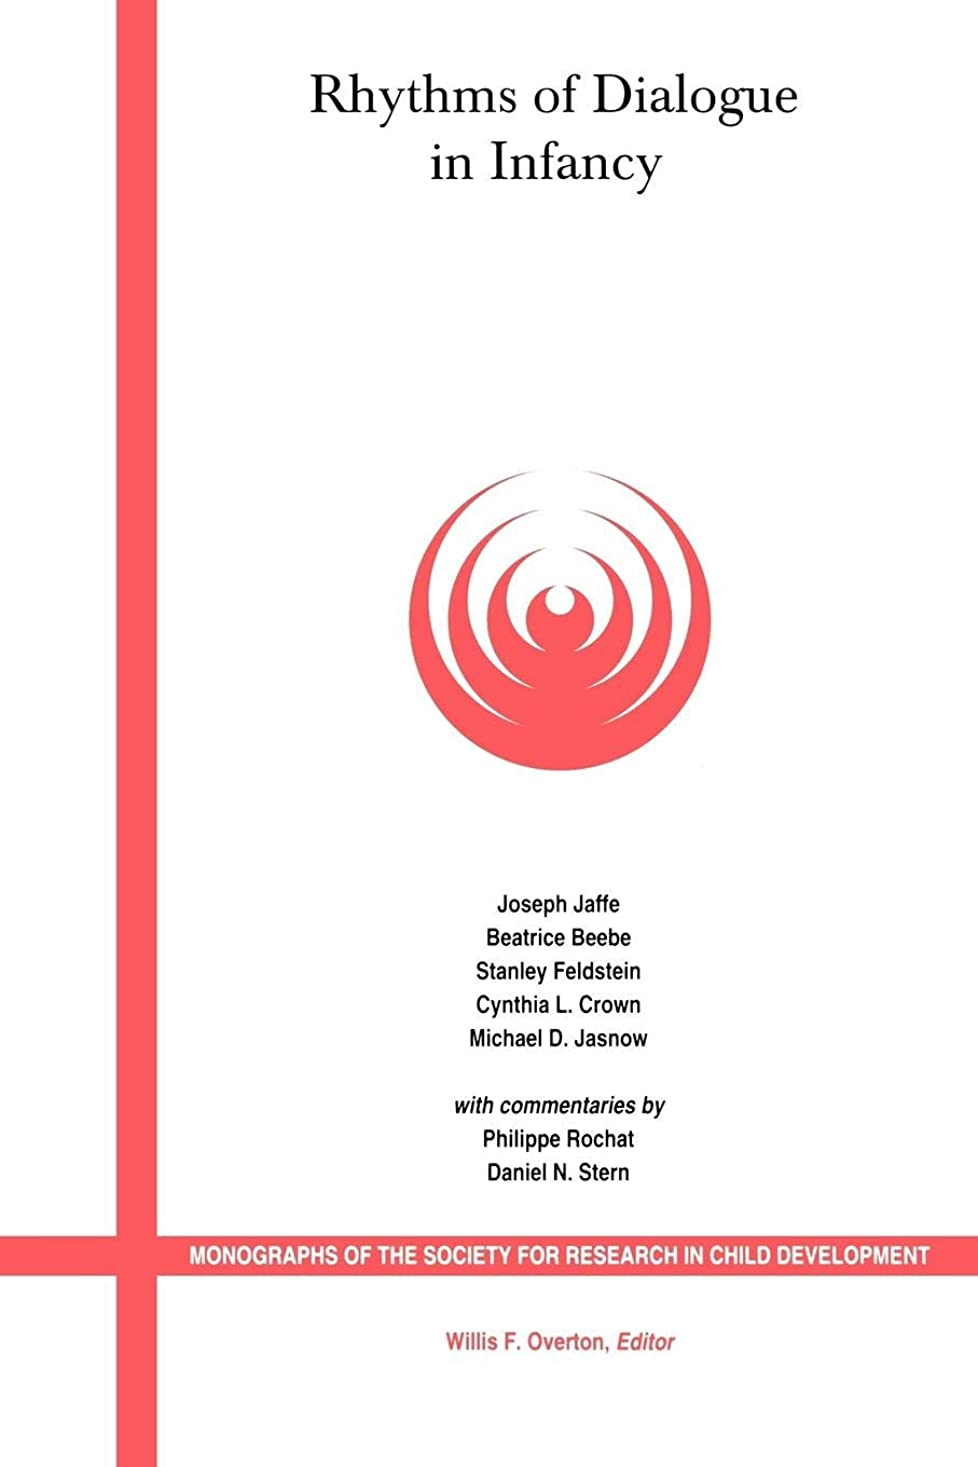 虚偽休暇気晴らしRhythms of Dialogue in Infancy: Coordinated Timingin Development (Monographs of the Society for Research in Child Development)